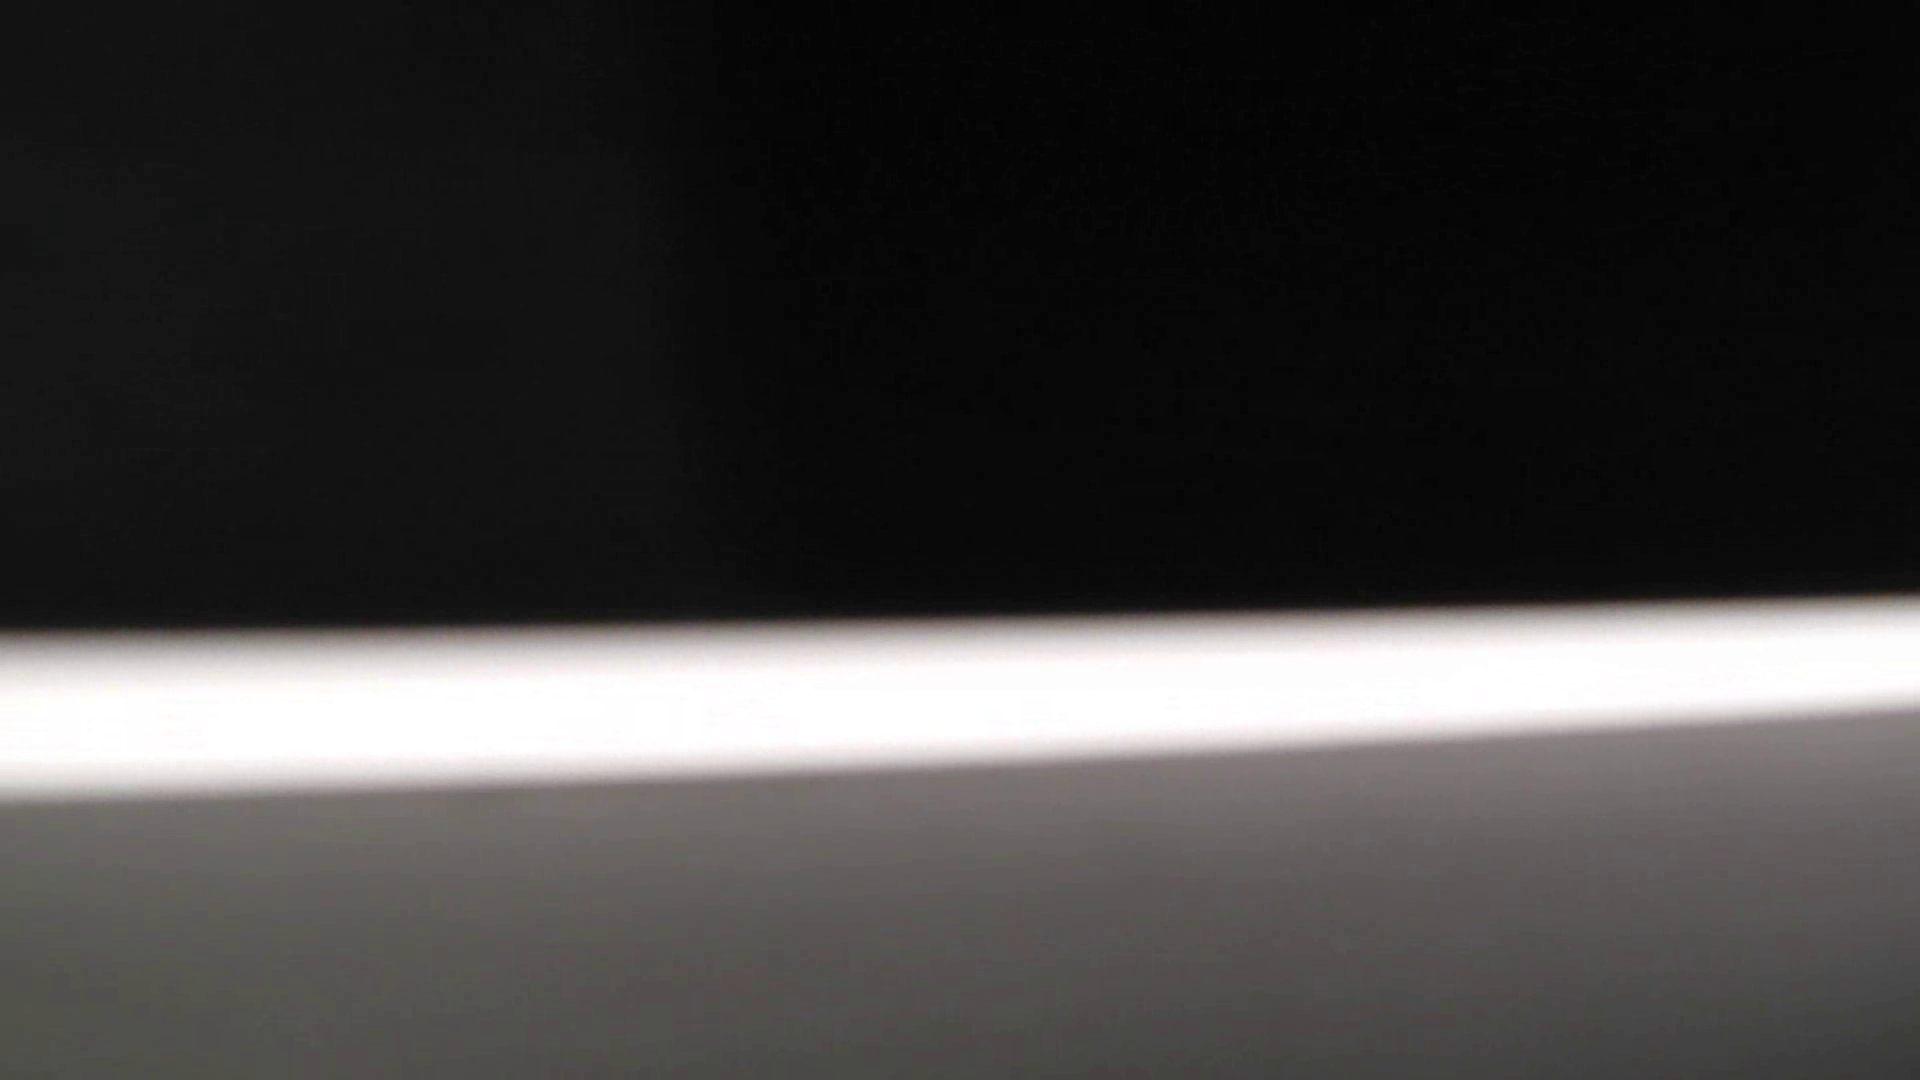 洗面所特攻隊 vol.002今回も鮮明です 投稿 | OLのボディ  109PIX 11